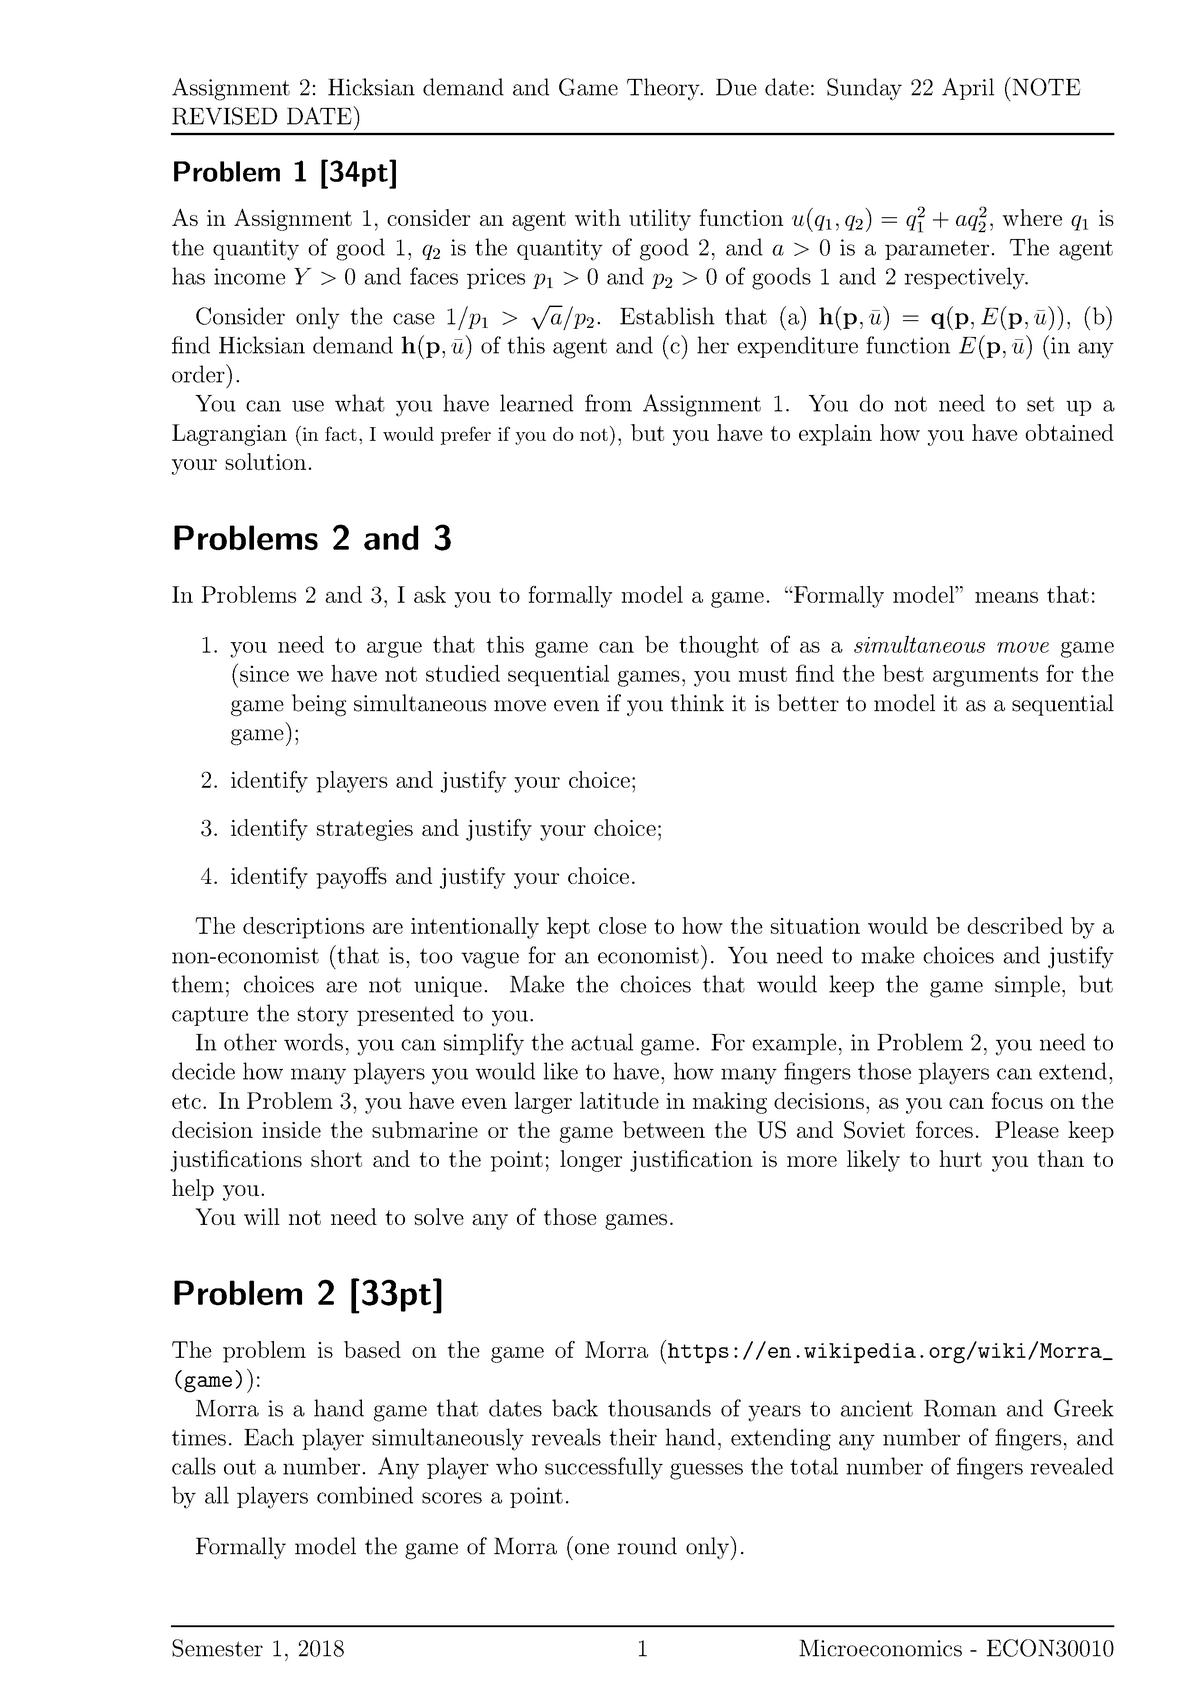 Assignment 2 - ECON30010: Microeconomics - StuDocu